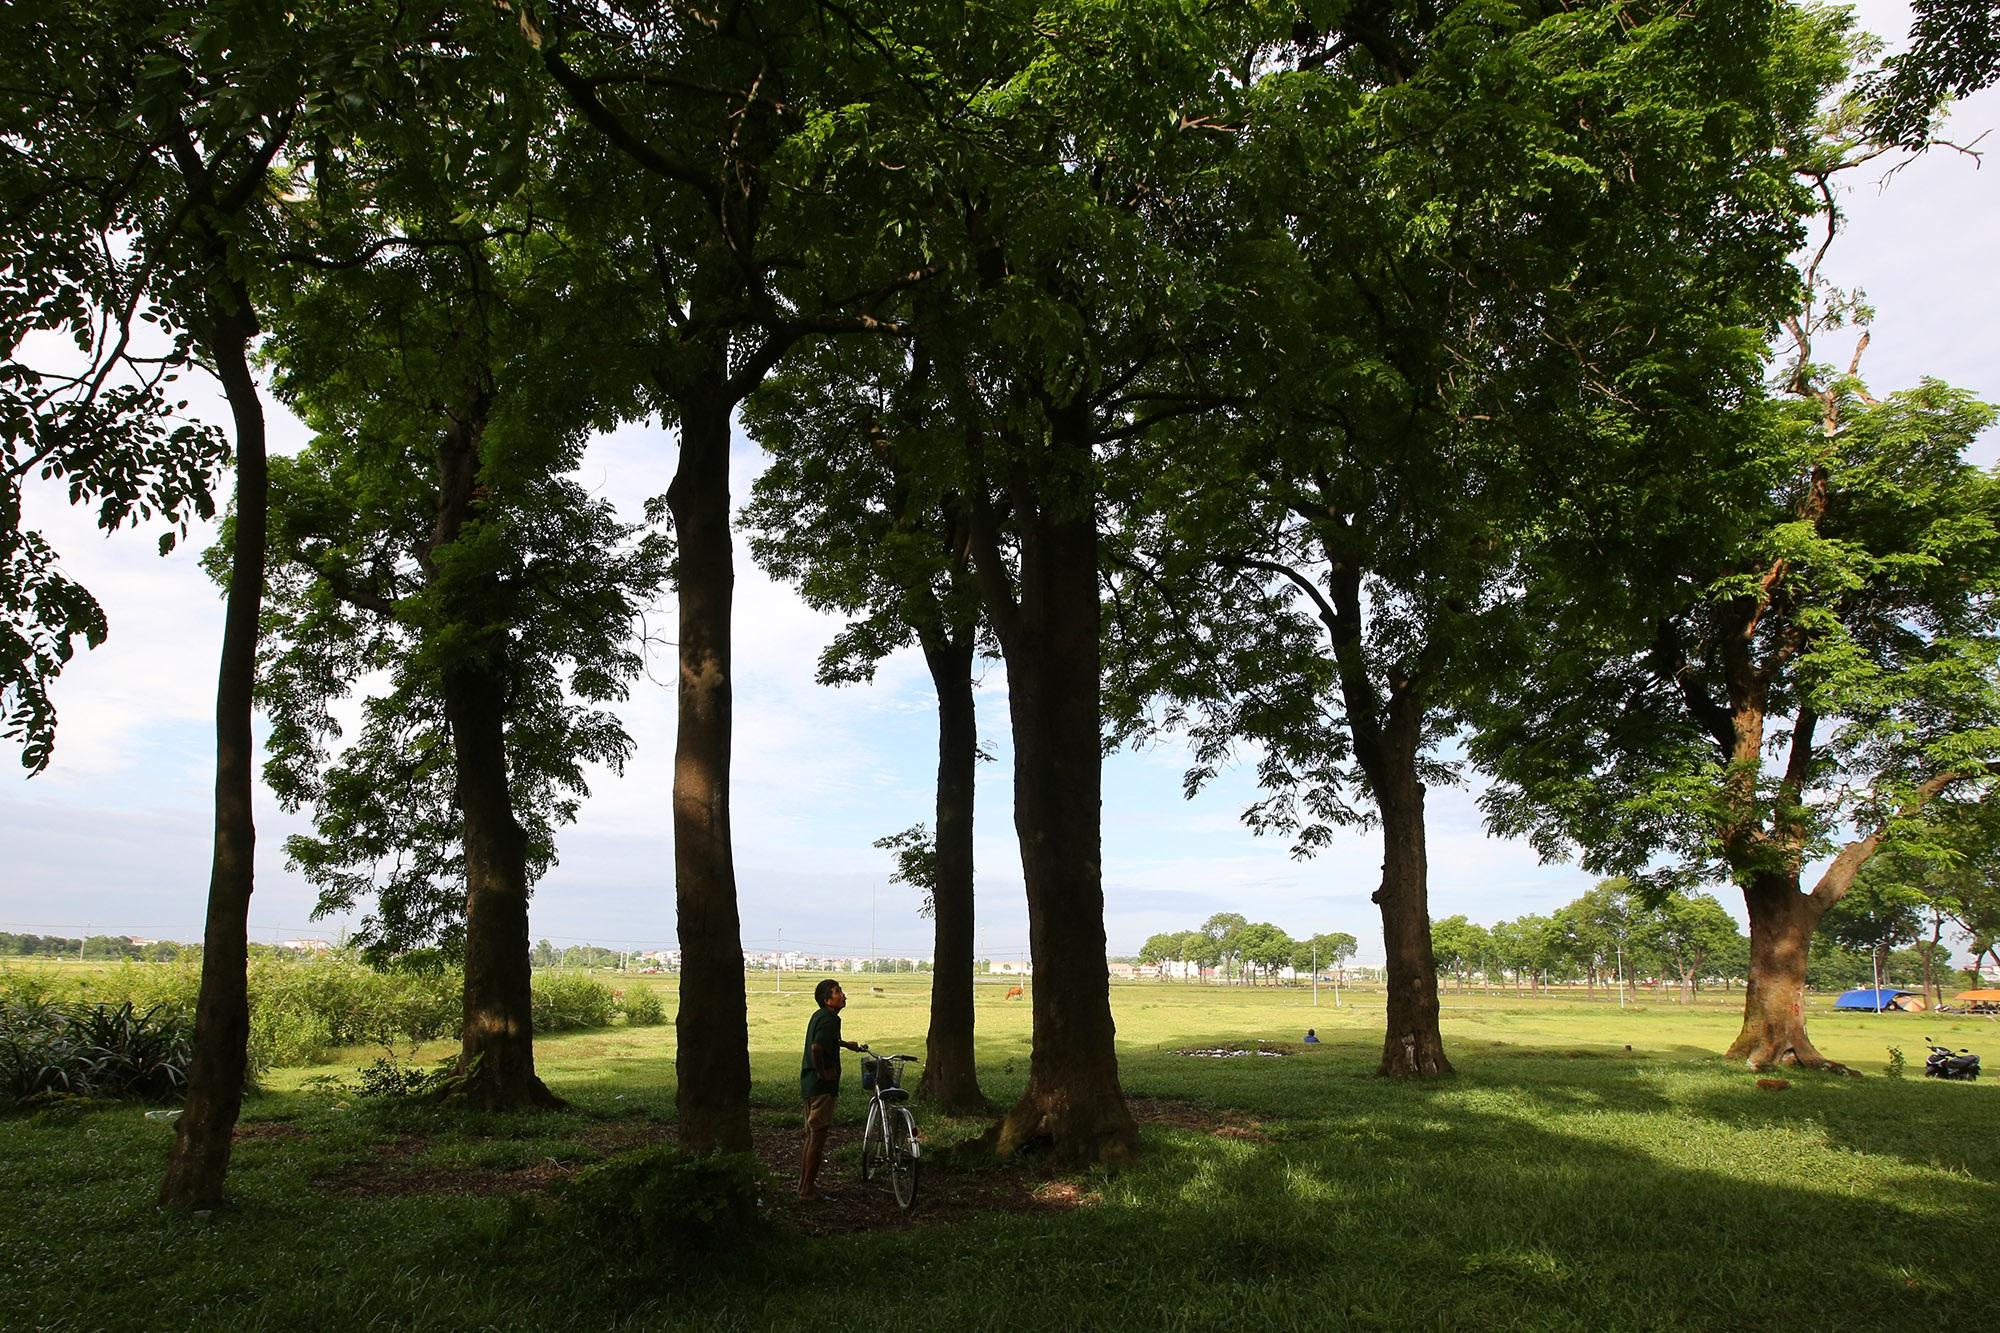 Rừng lim xanh cổ thụ hơn nghìn năm tuổi ngay tại Hà Nội - 8